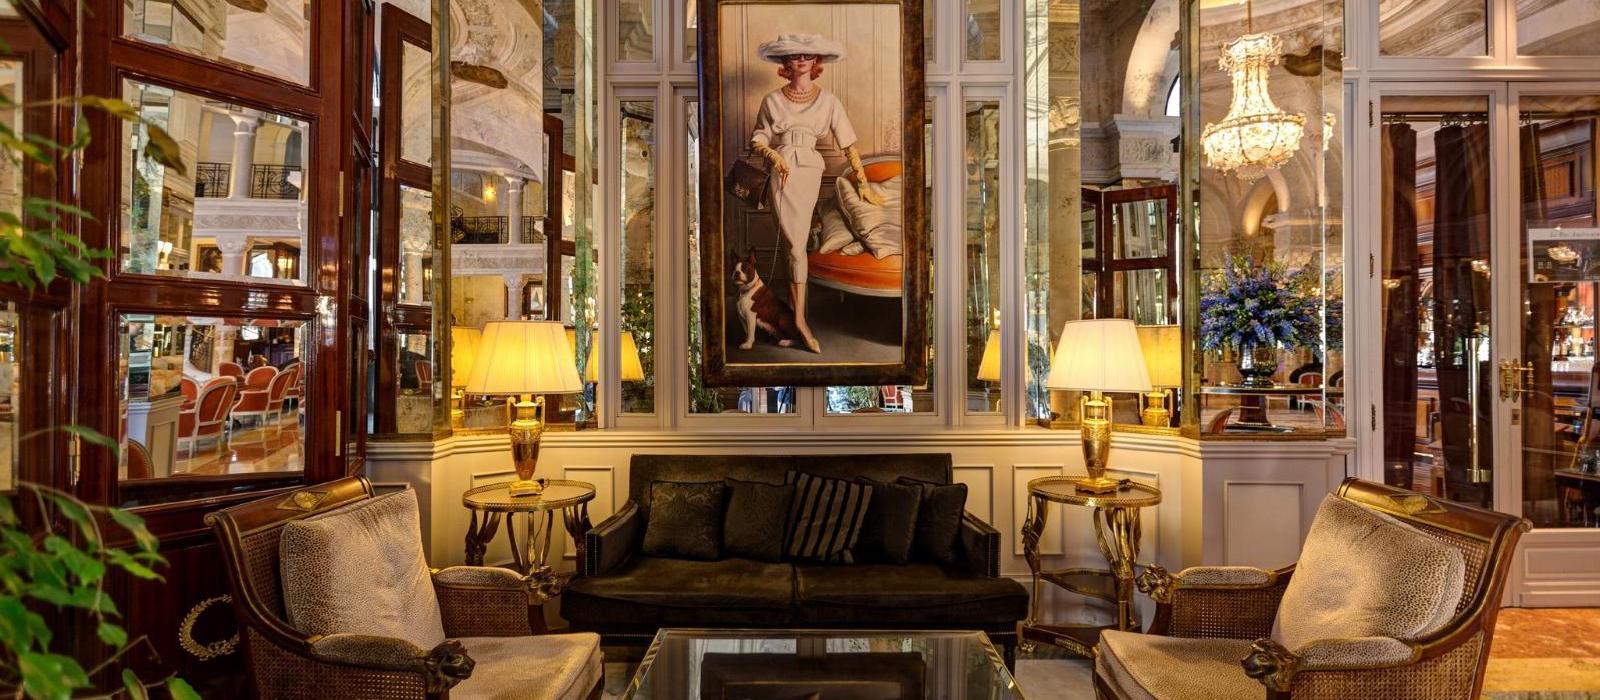 蒙特卡洛巴黎大饭店(Hotel de Paris Monte-Carlo) 图片  www.lhw.cn